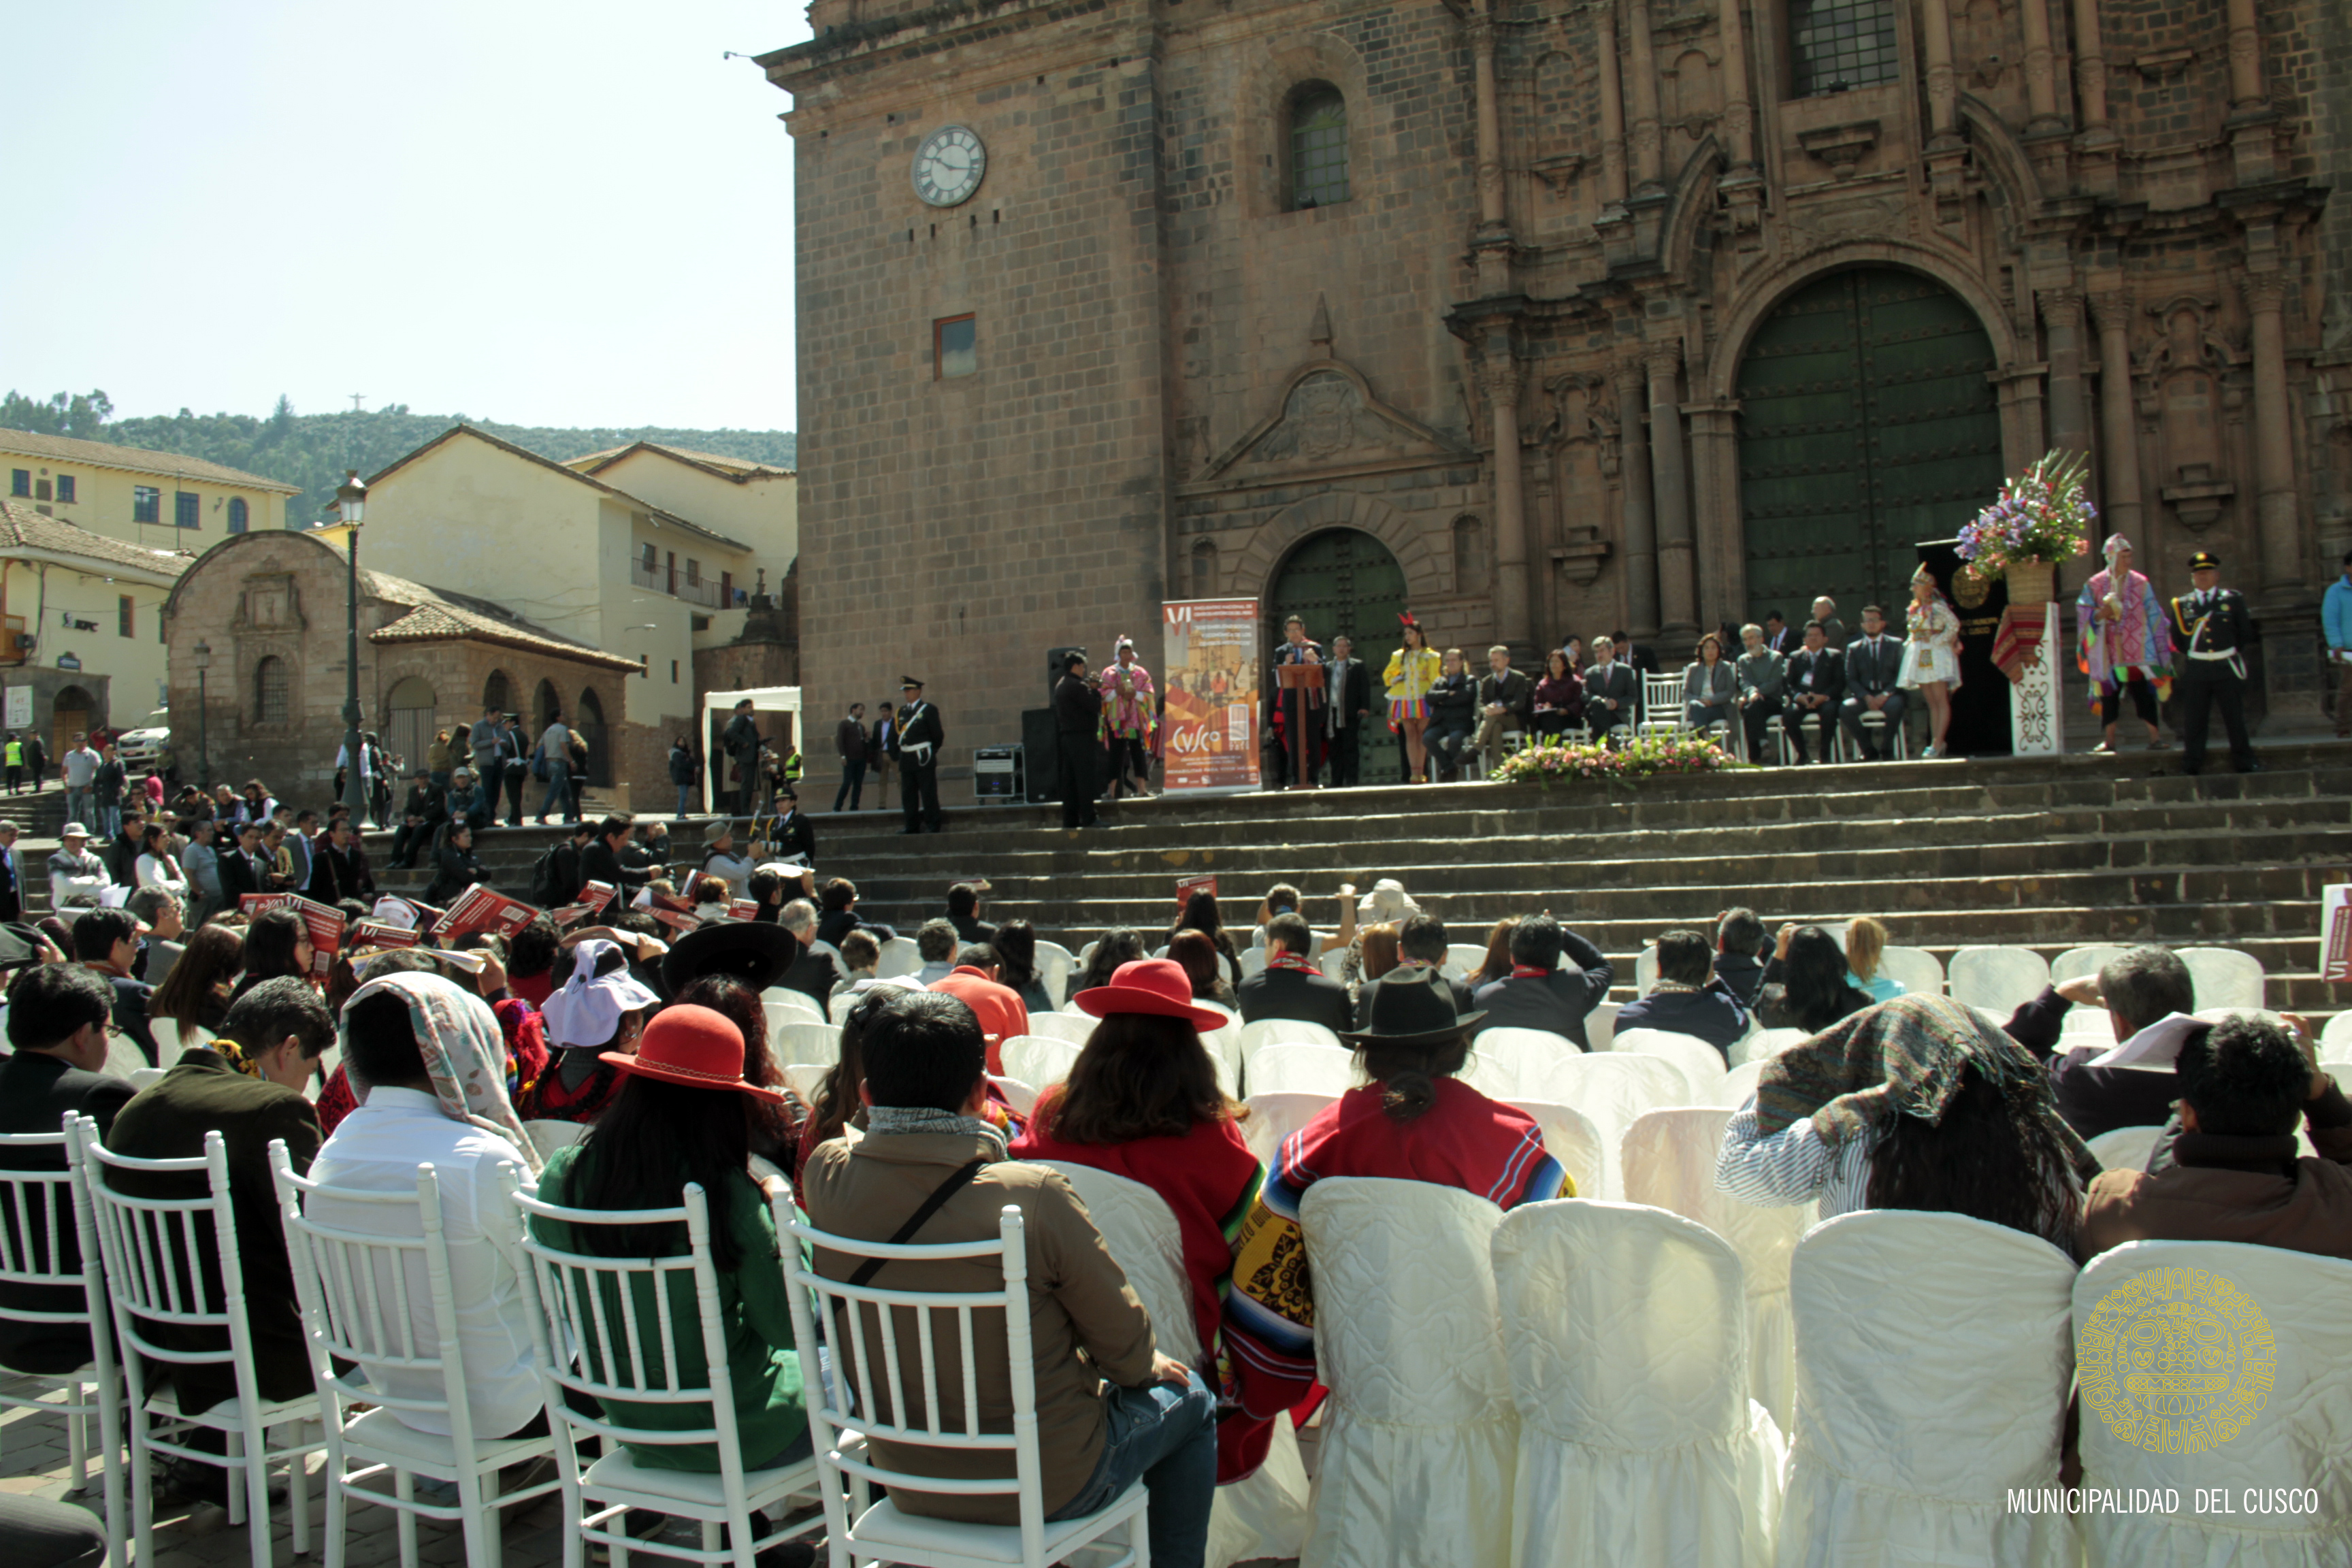 VI ENCUENTRO NACIONAL DE CENTROS HISTÓRICOS DEL PERU SE INAUGURÓ EN LA PLAZA DE ARMAS.